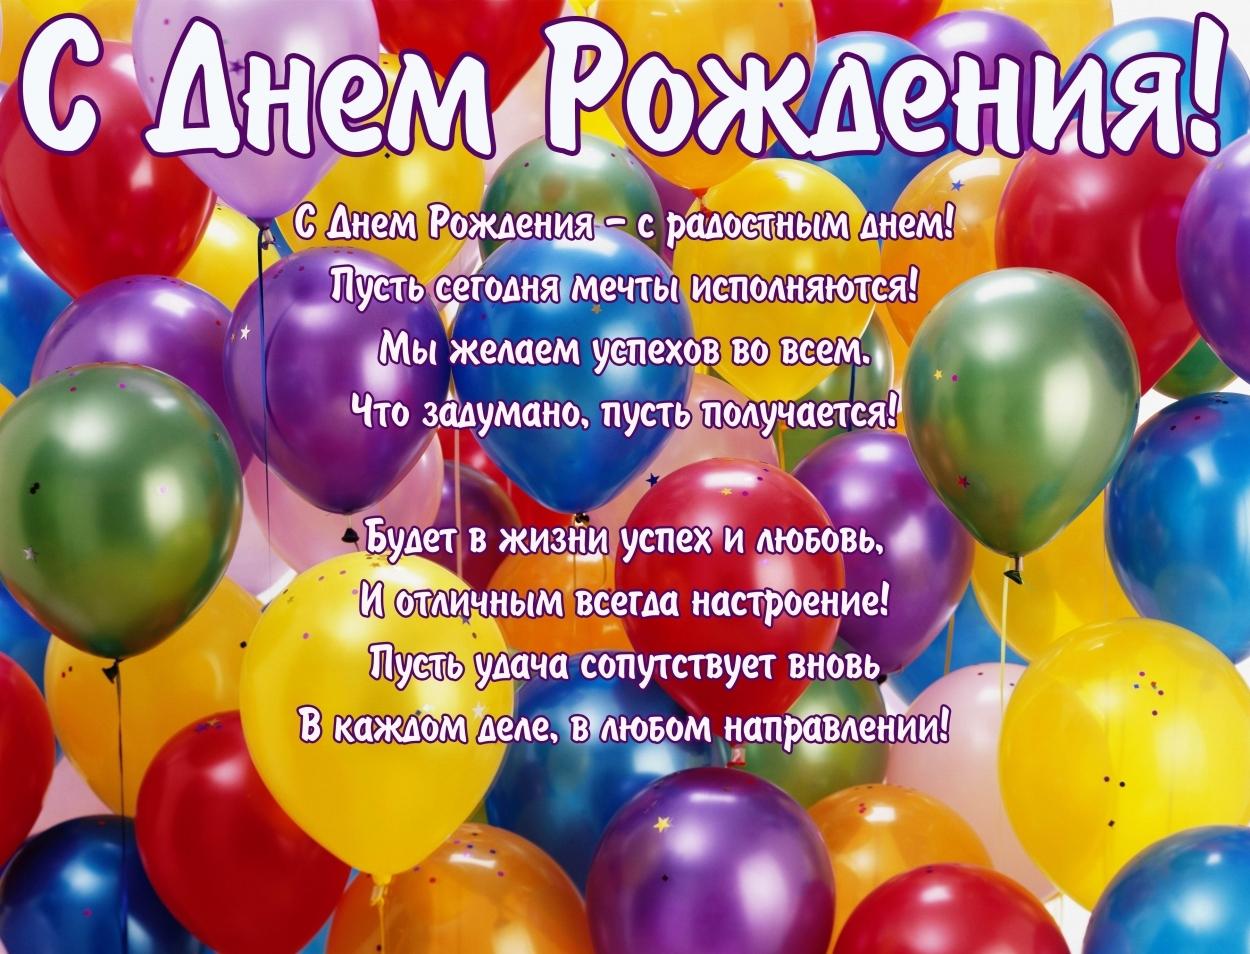 Поздравление с днем рождения правильное